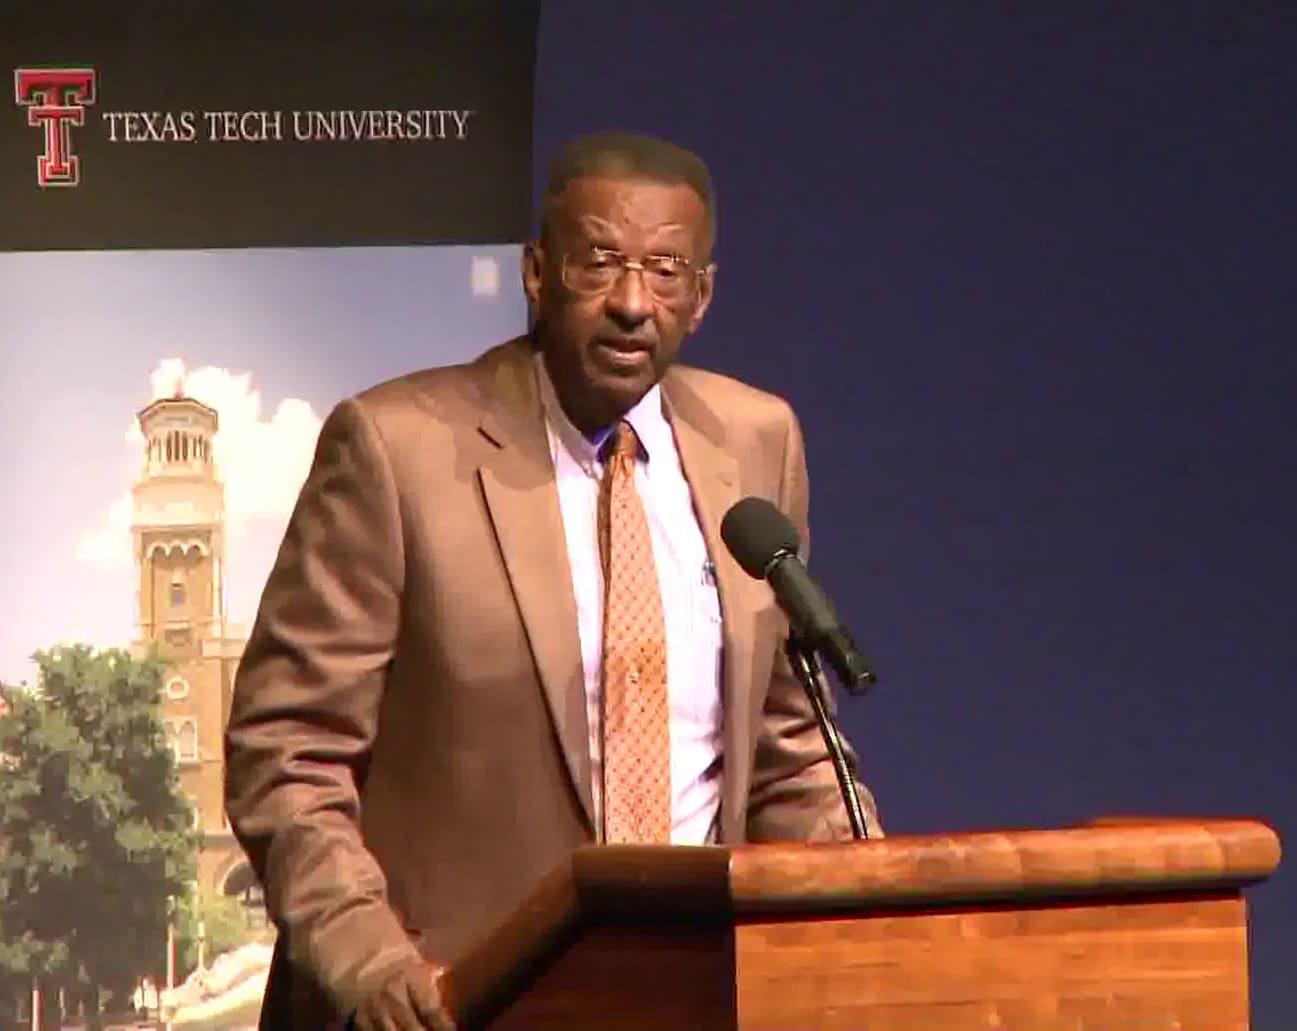 黒人経済学者 ウォルター・ウィリアムズ教授